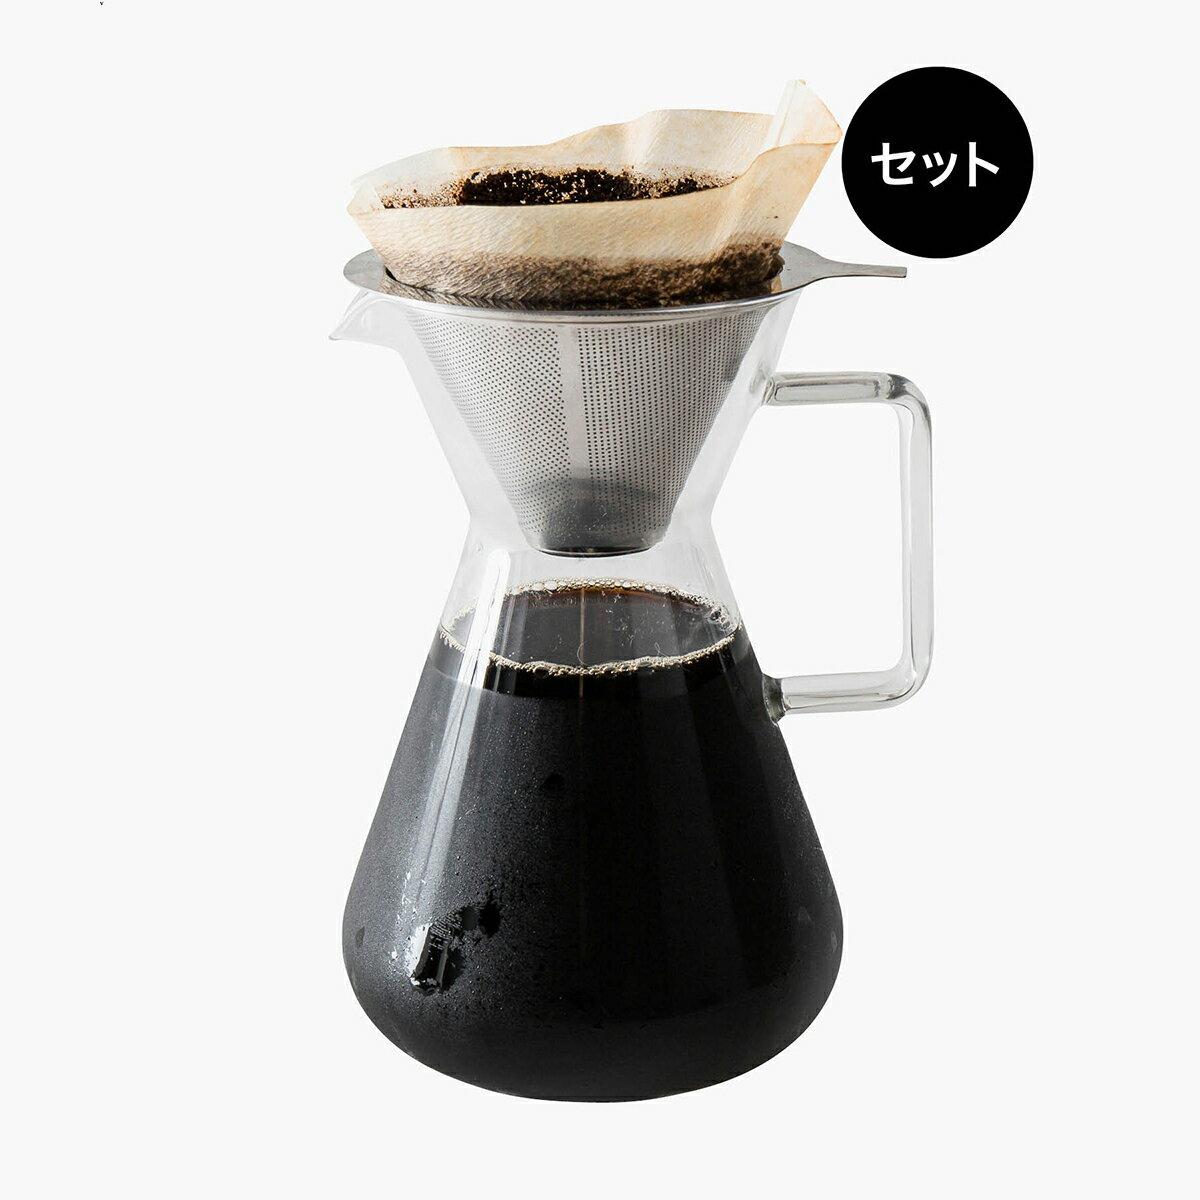 コーヒー ジャグ ドリップポット[セット販売●b2c コーヒーピッチャー エクスパンド+ドリッパー(ステンレス)]#SL_TB